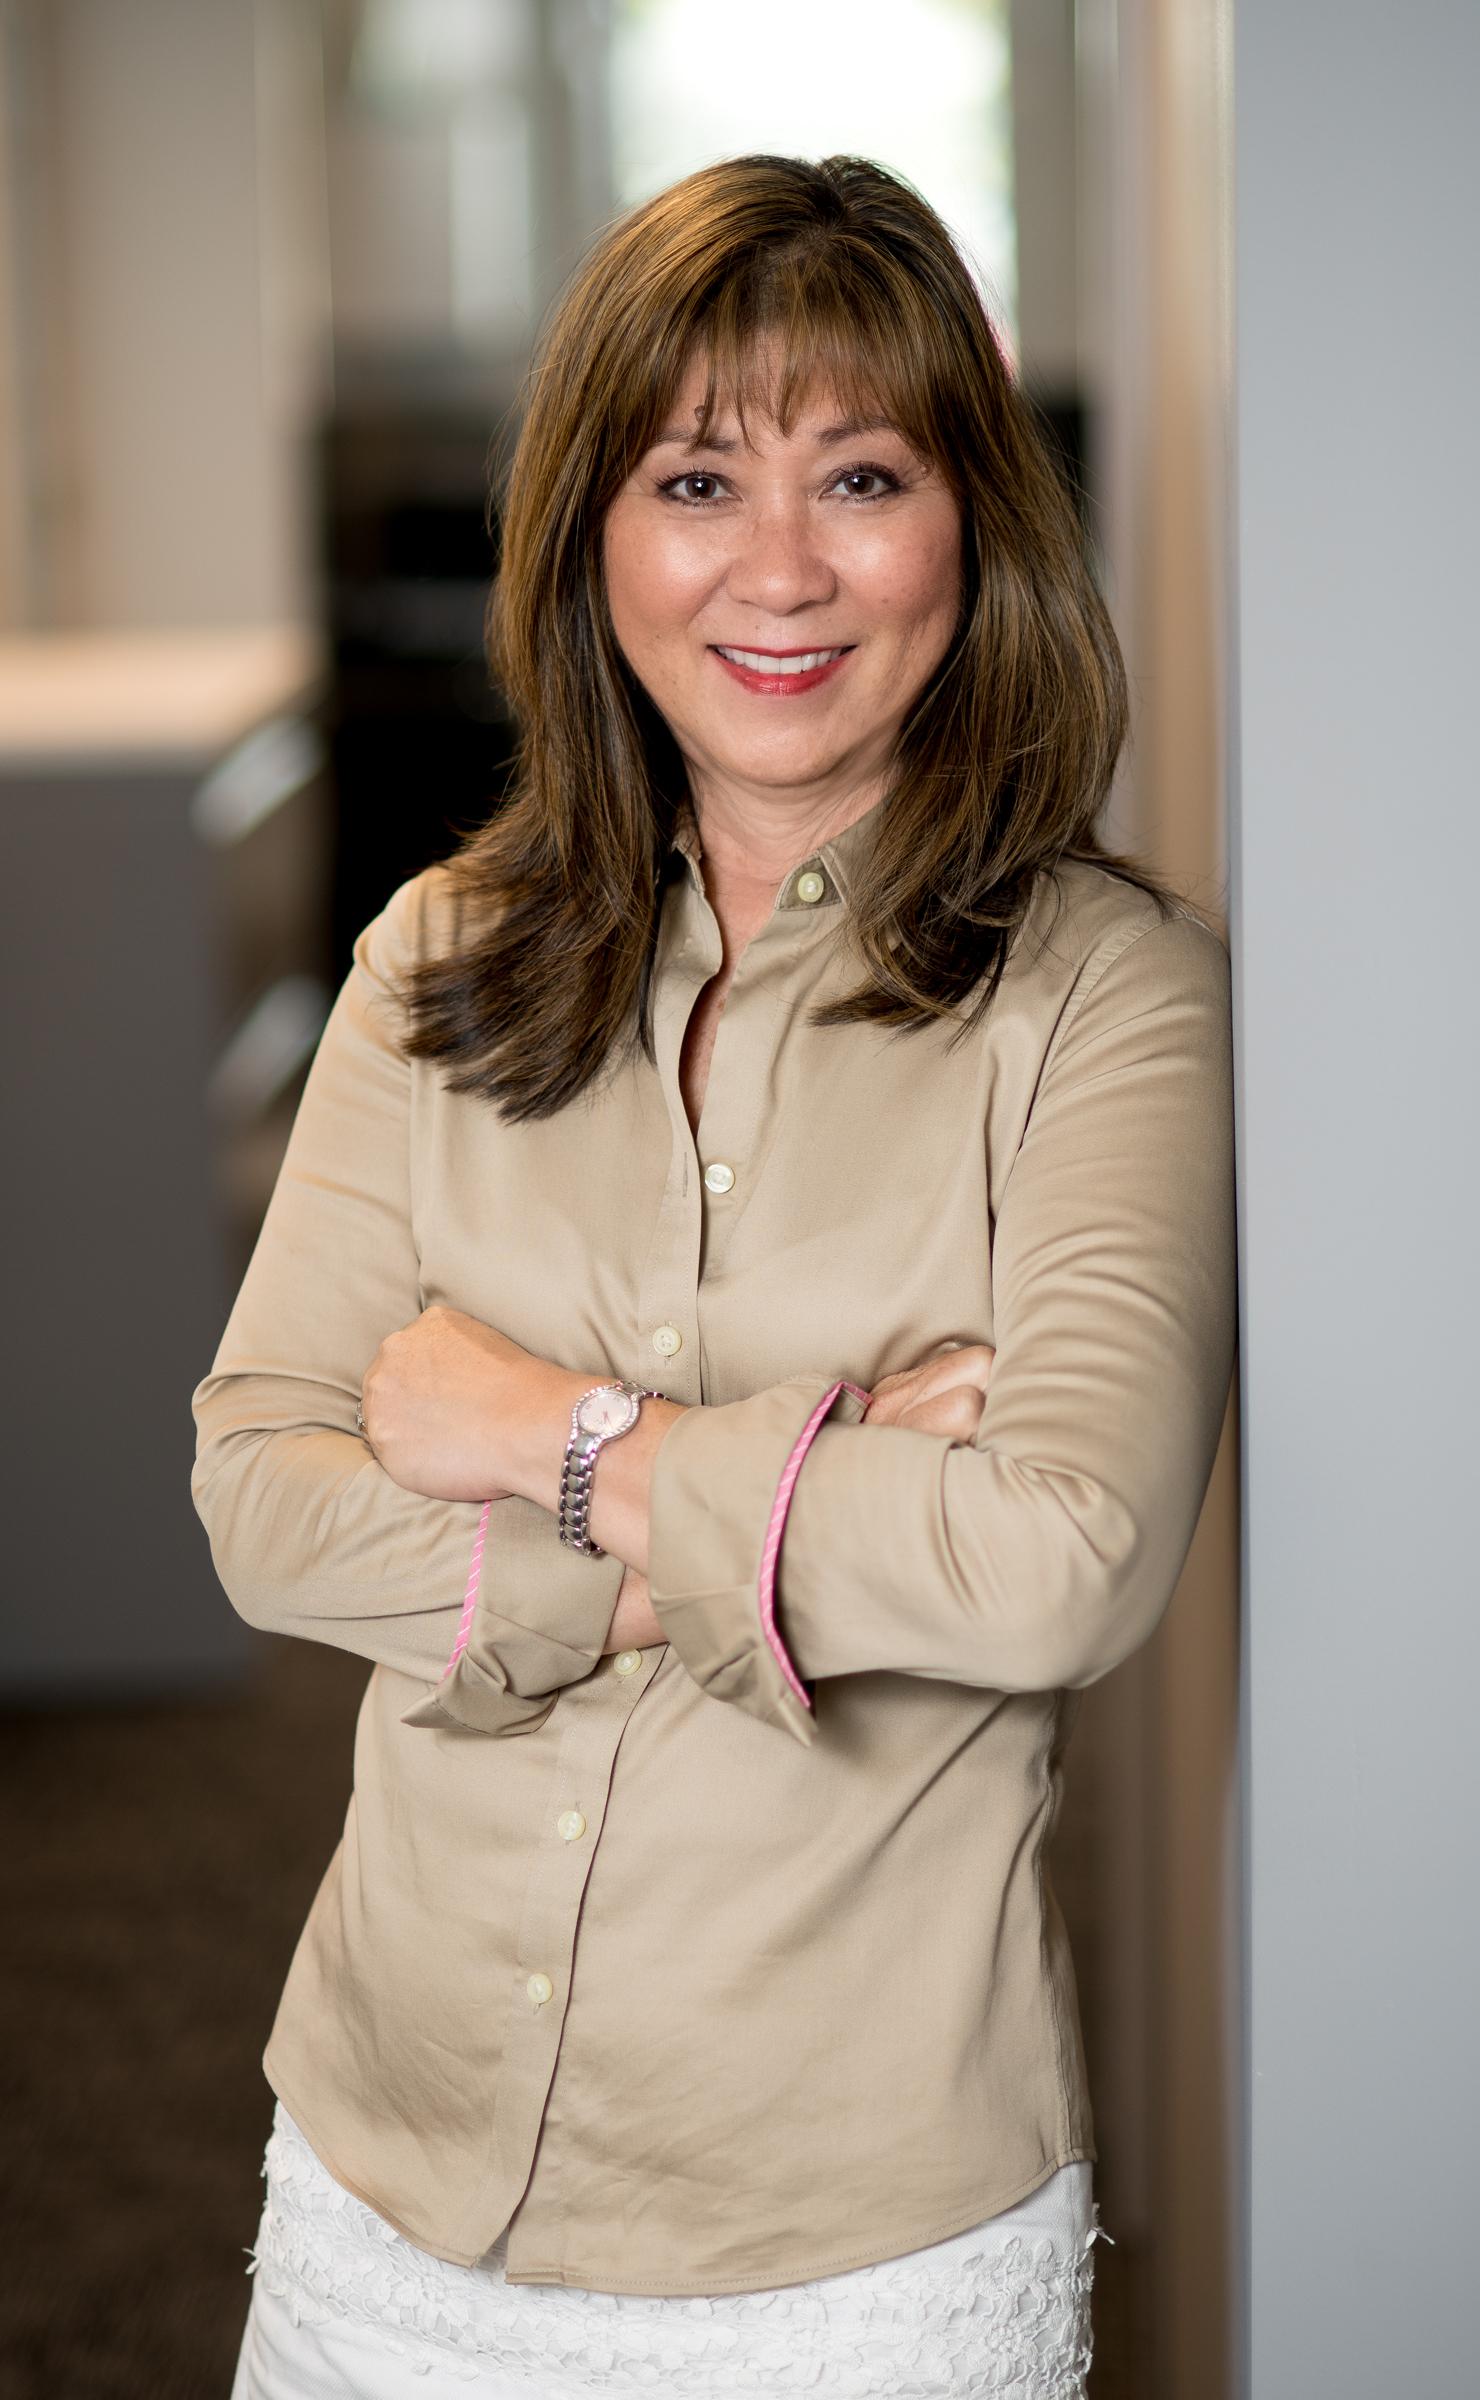 Wendy Merkovitz